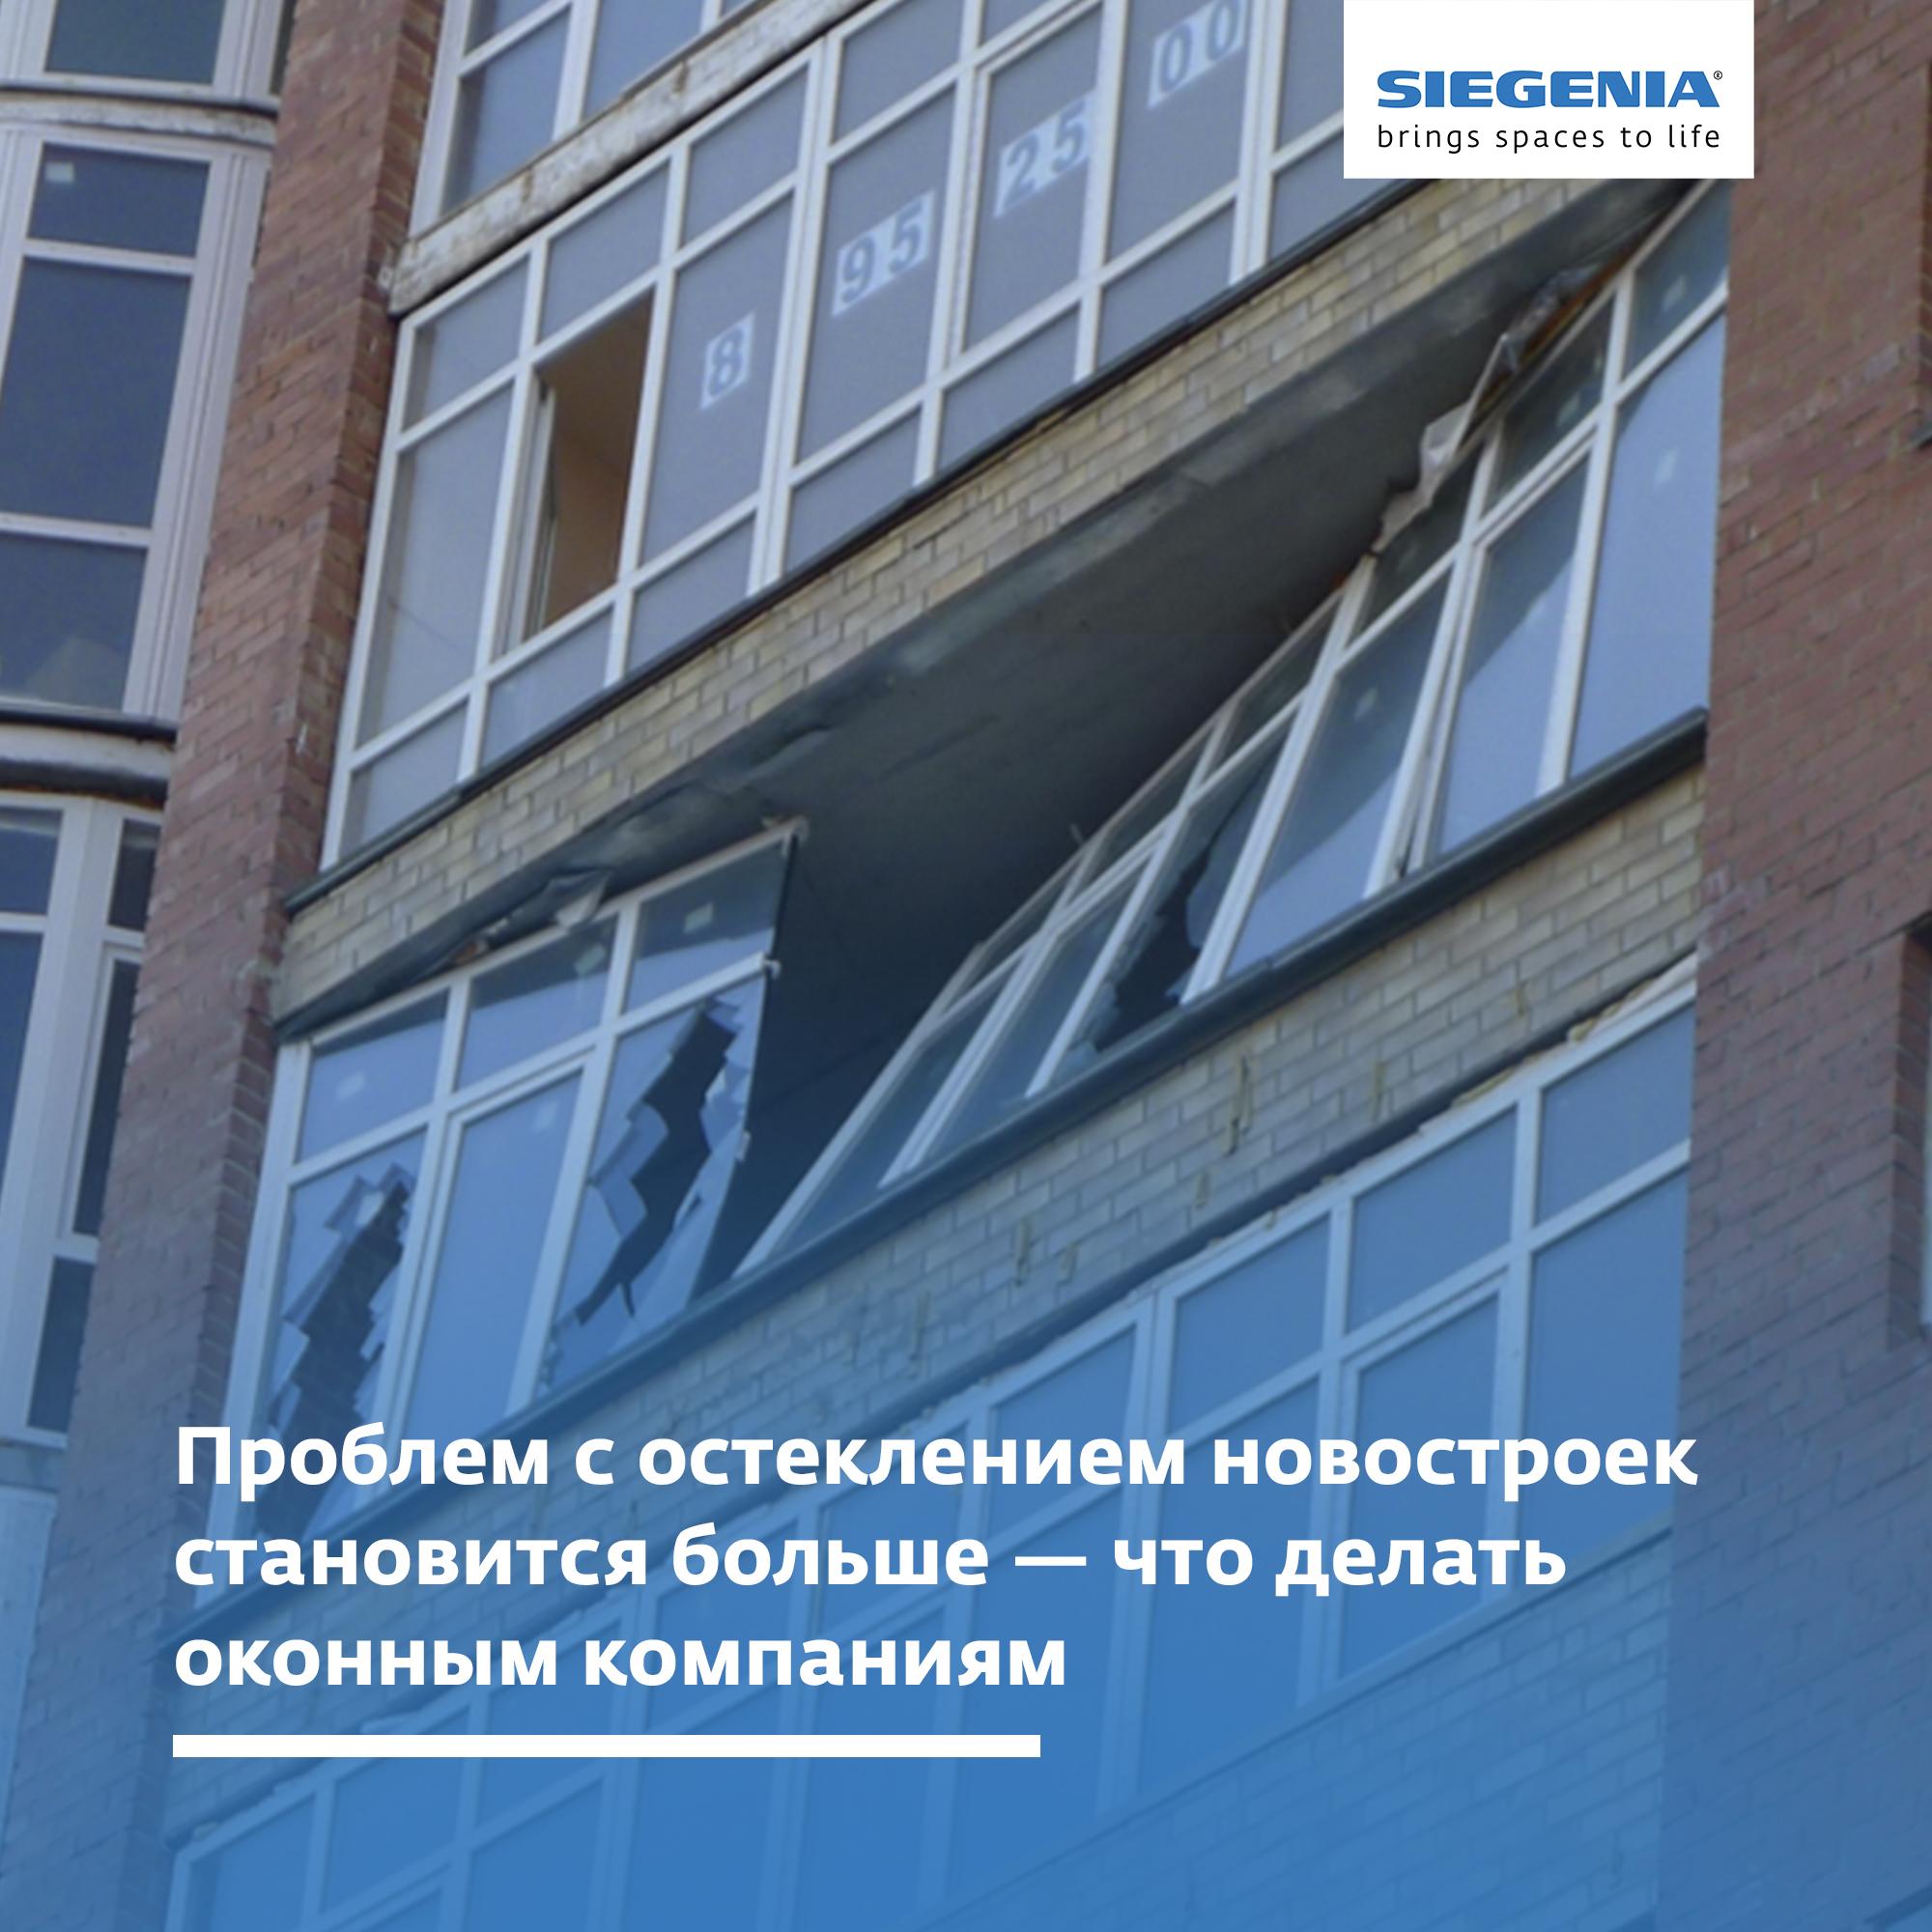 problem-s-ostekleniem-novostroek-stanovitsya-bolshe-chto-delat-okonnym-kompaniyam